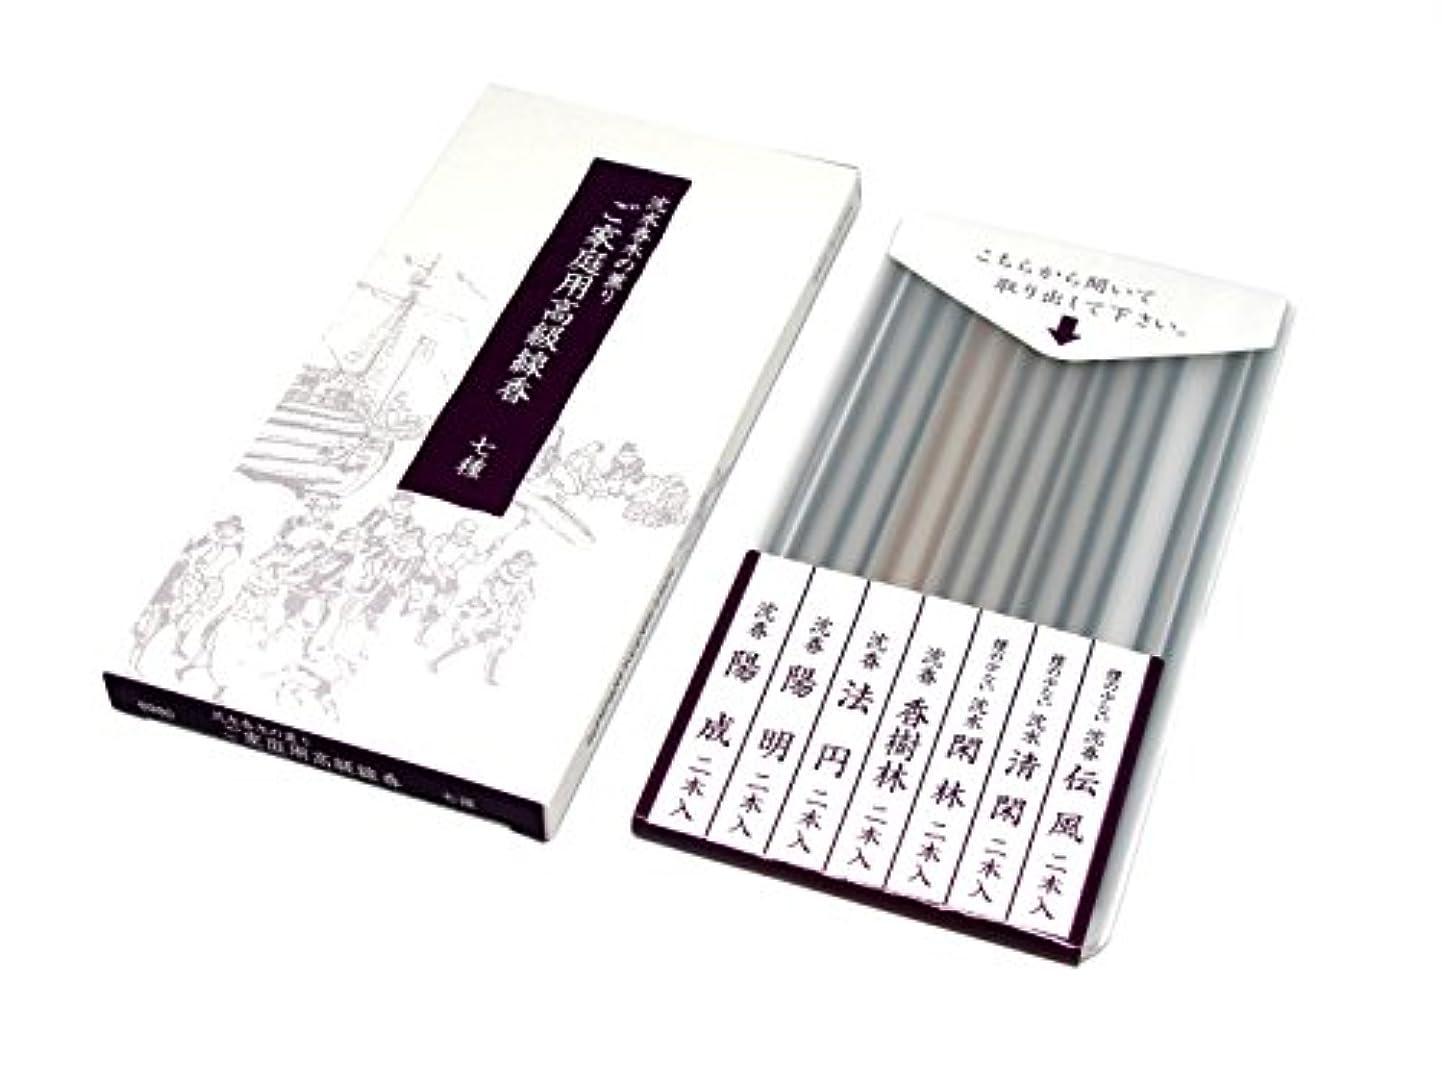 主張するつまらない枯渇するgyokushodo Japanese Agarwood Incense Stick Sampler – 5.5インチ – 7種類2 Sticks各 – 日本製 – Aloeswood – Oud